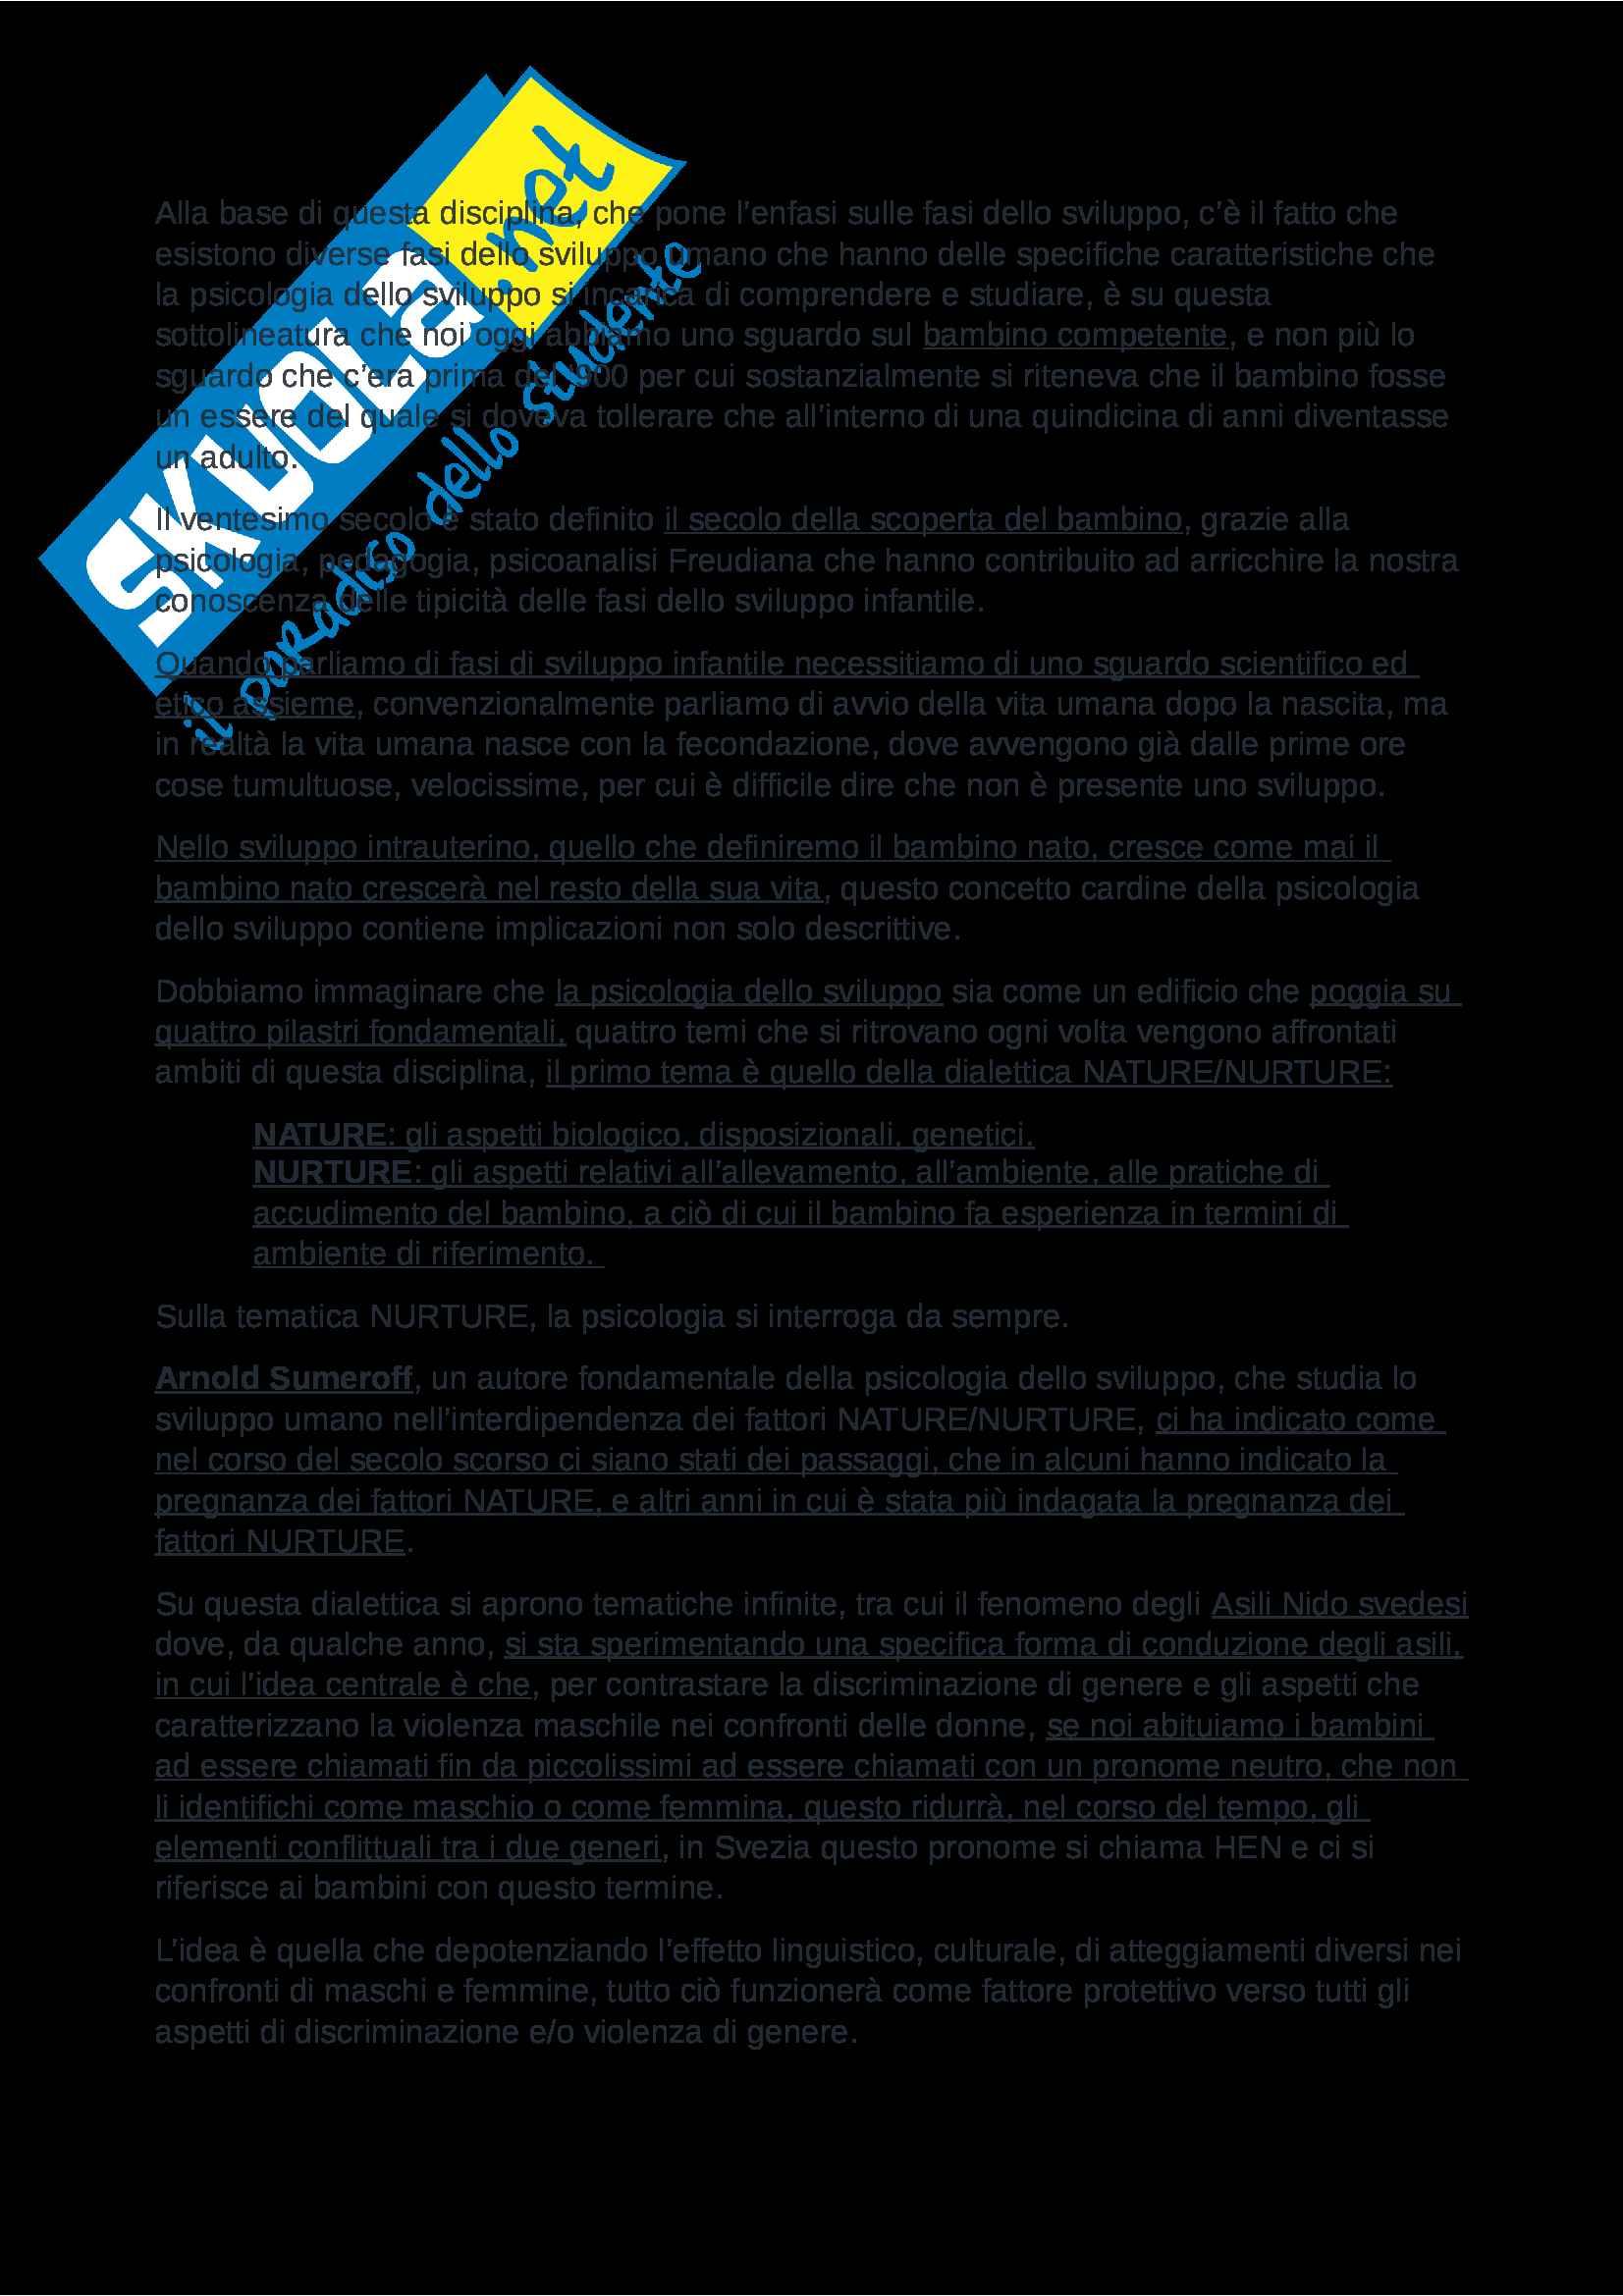 Riassunto esame Psicologia dello Sviluppo, Prof. Nicolais, libro consigliato Manuale Psicologia dello Sviluppo, Shaffer e Kipp Pag. 2